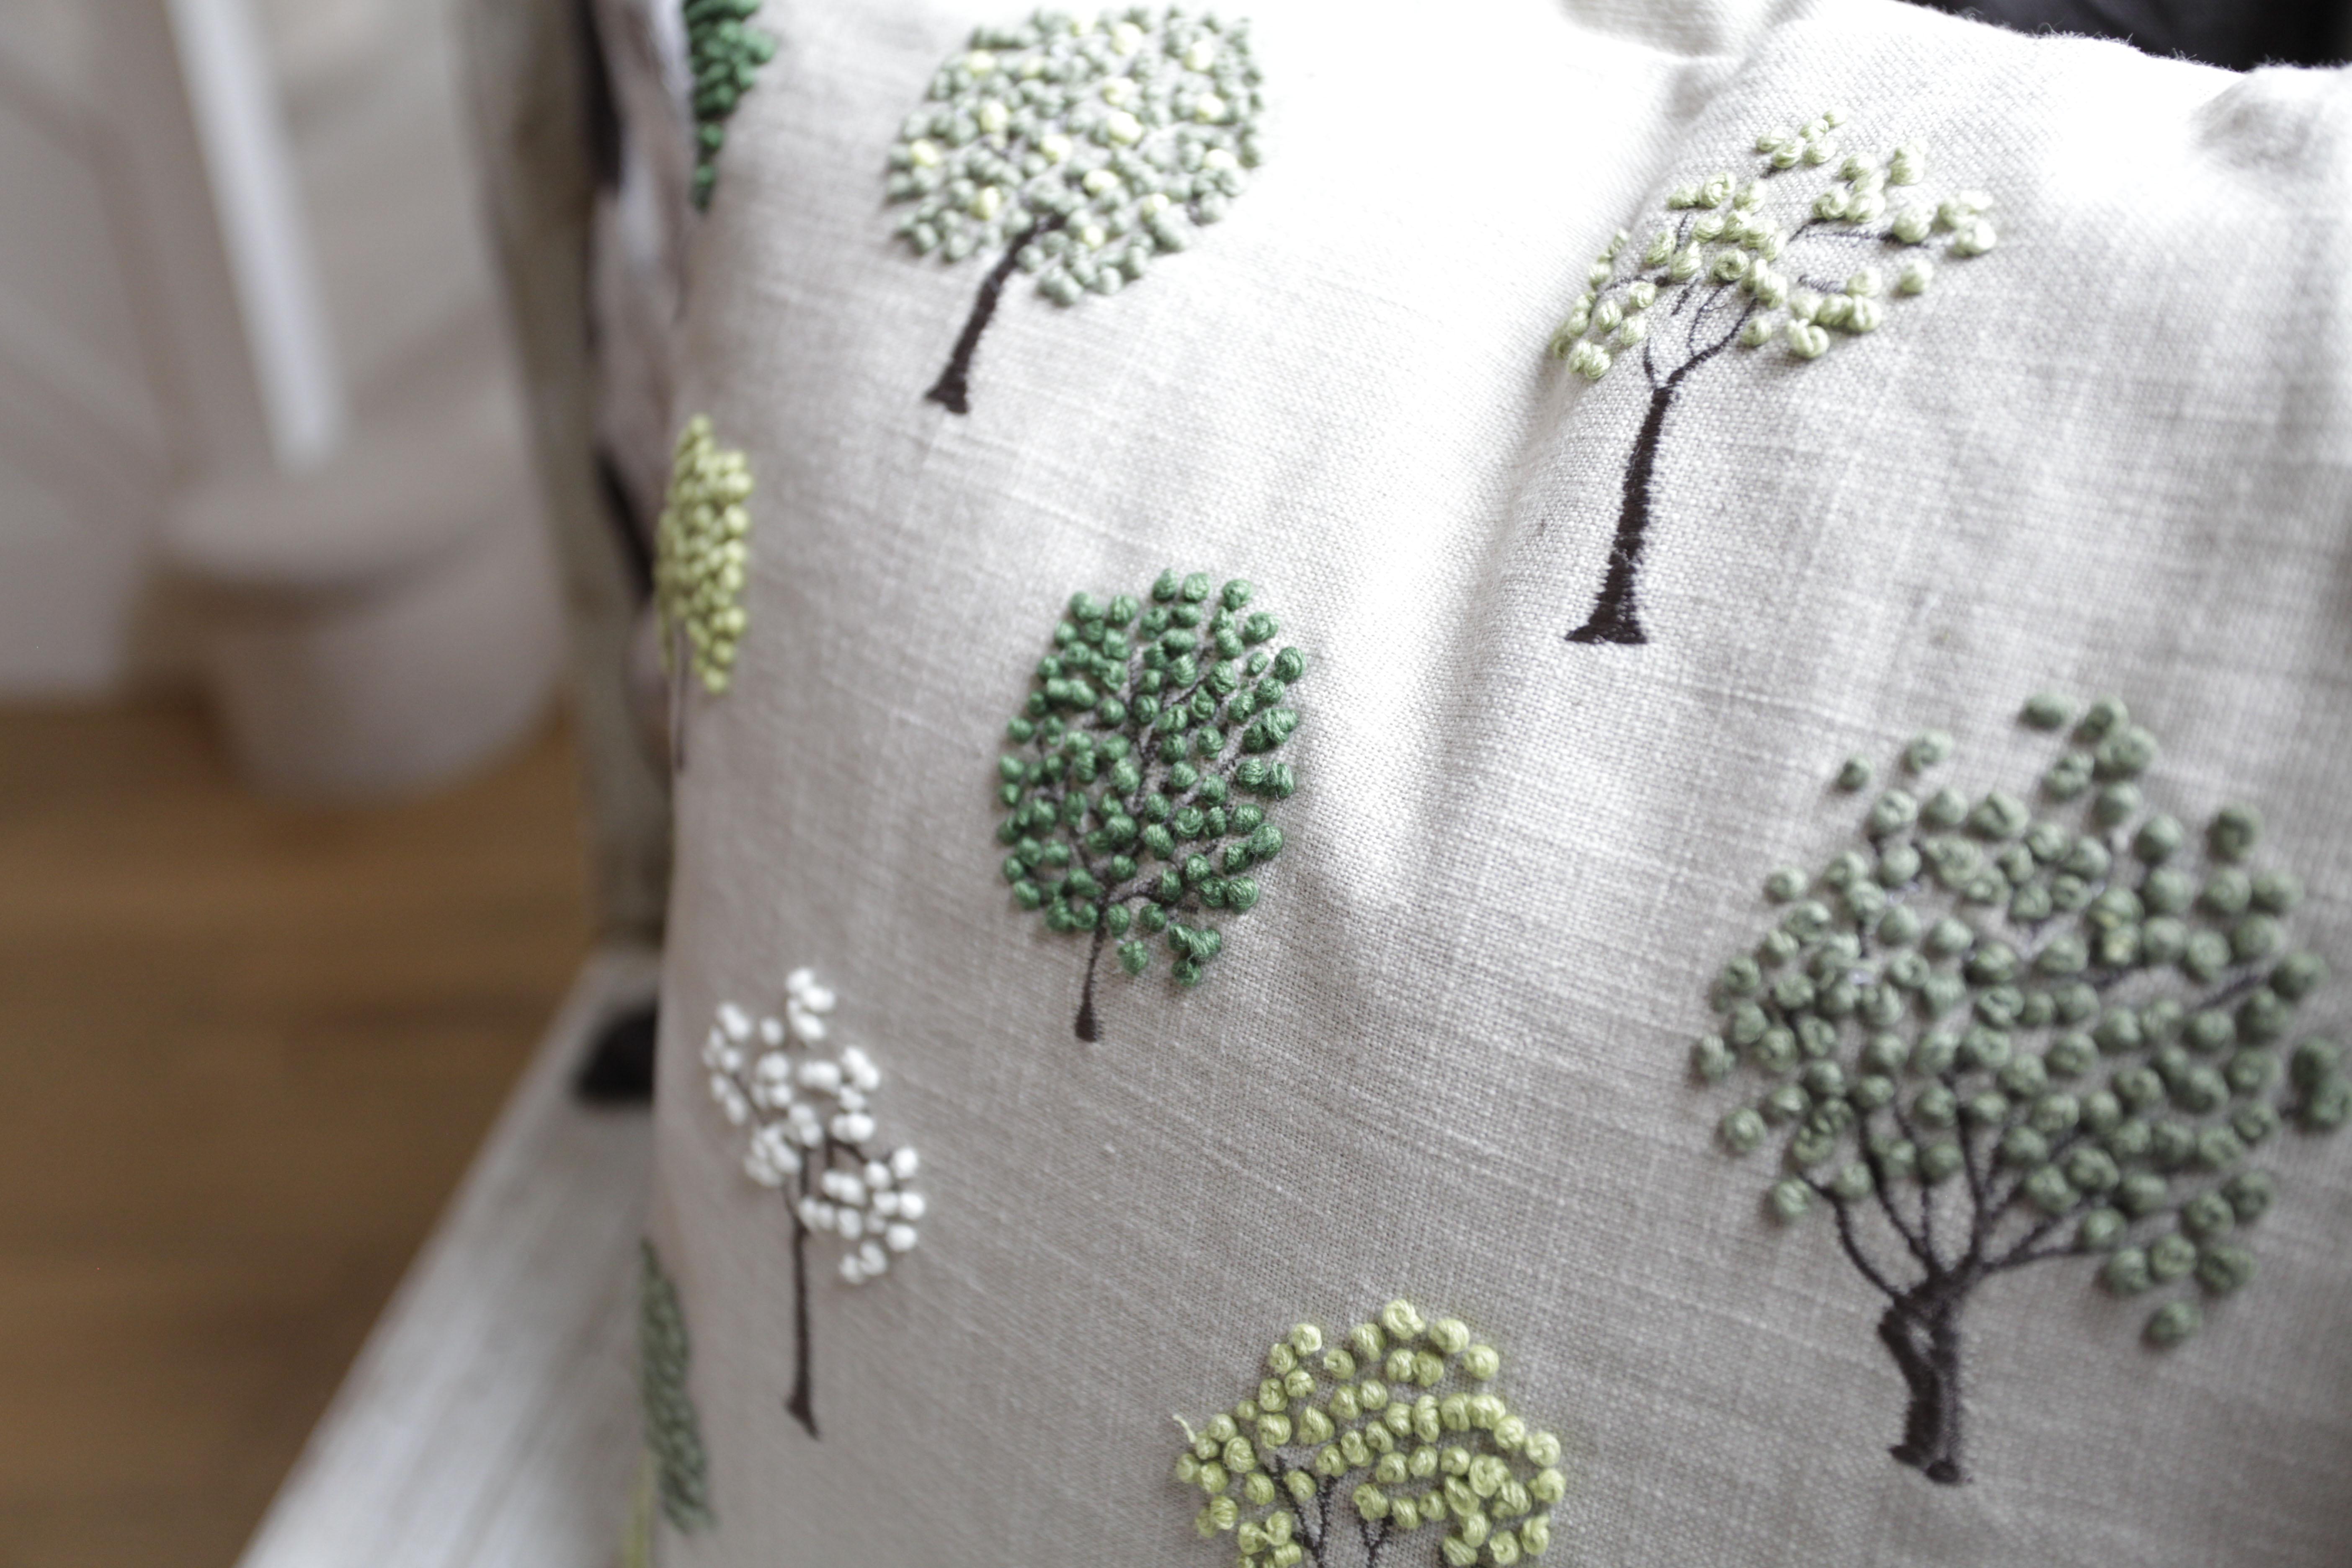 Surrey interior design cushions